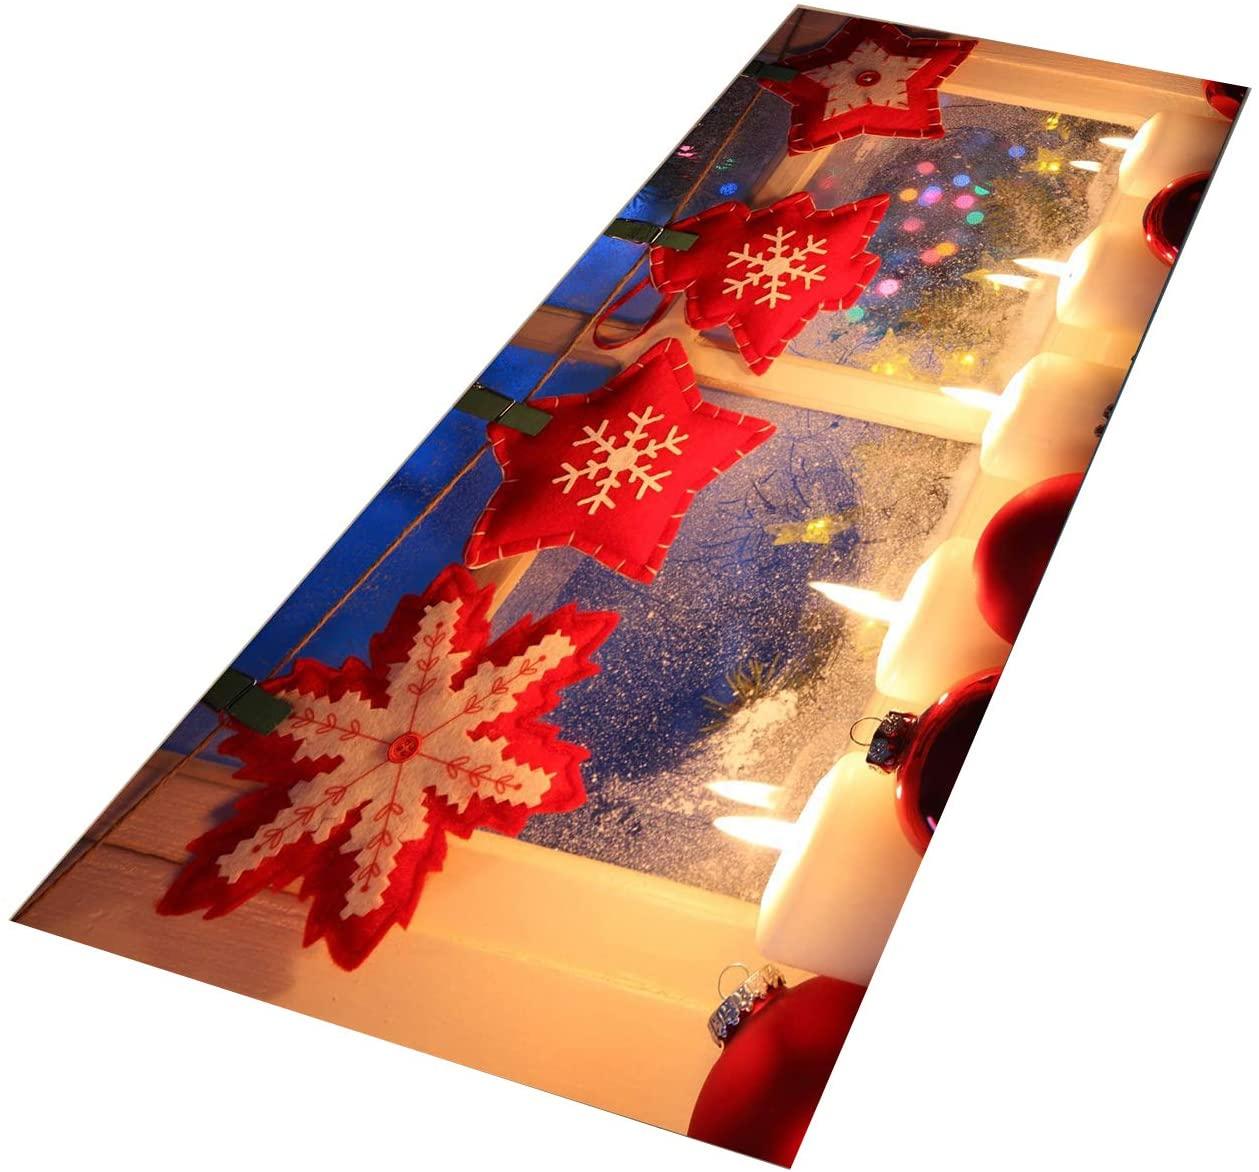 Crafttable 2 Pieces Santa Claus Kitchen Rug Set, Anti-Fatigue Kitchen Floor Mat, Non Slip Standing Carpet, 15.7x23.6+ 15.7x47.2 in, 21